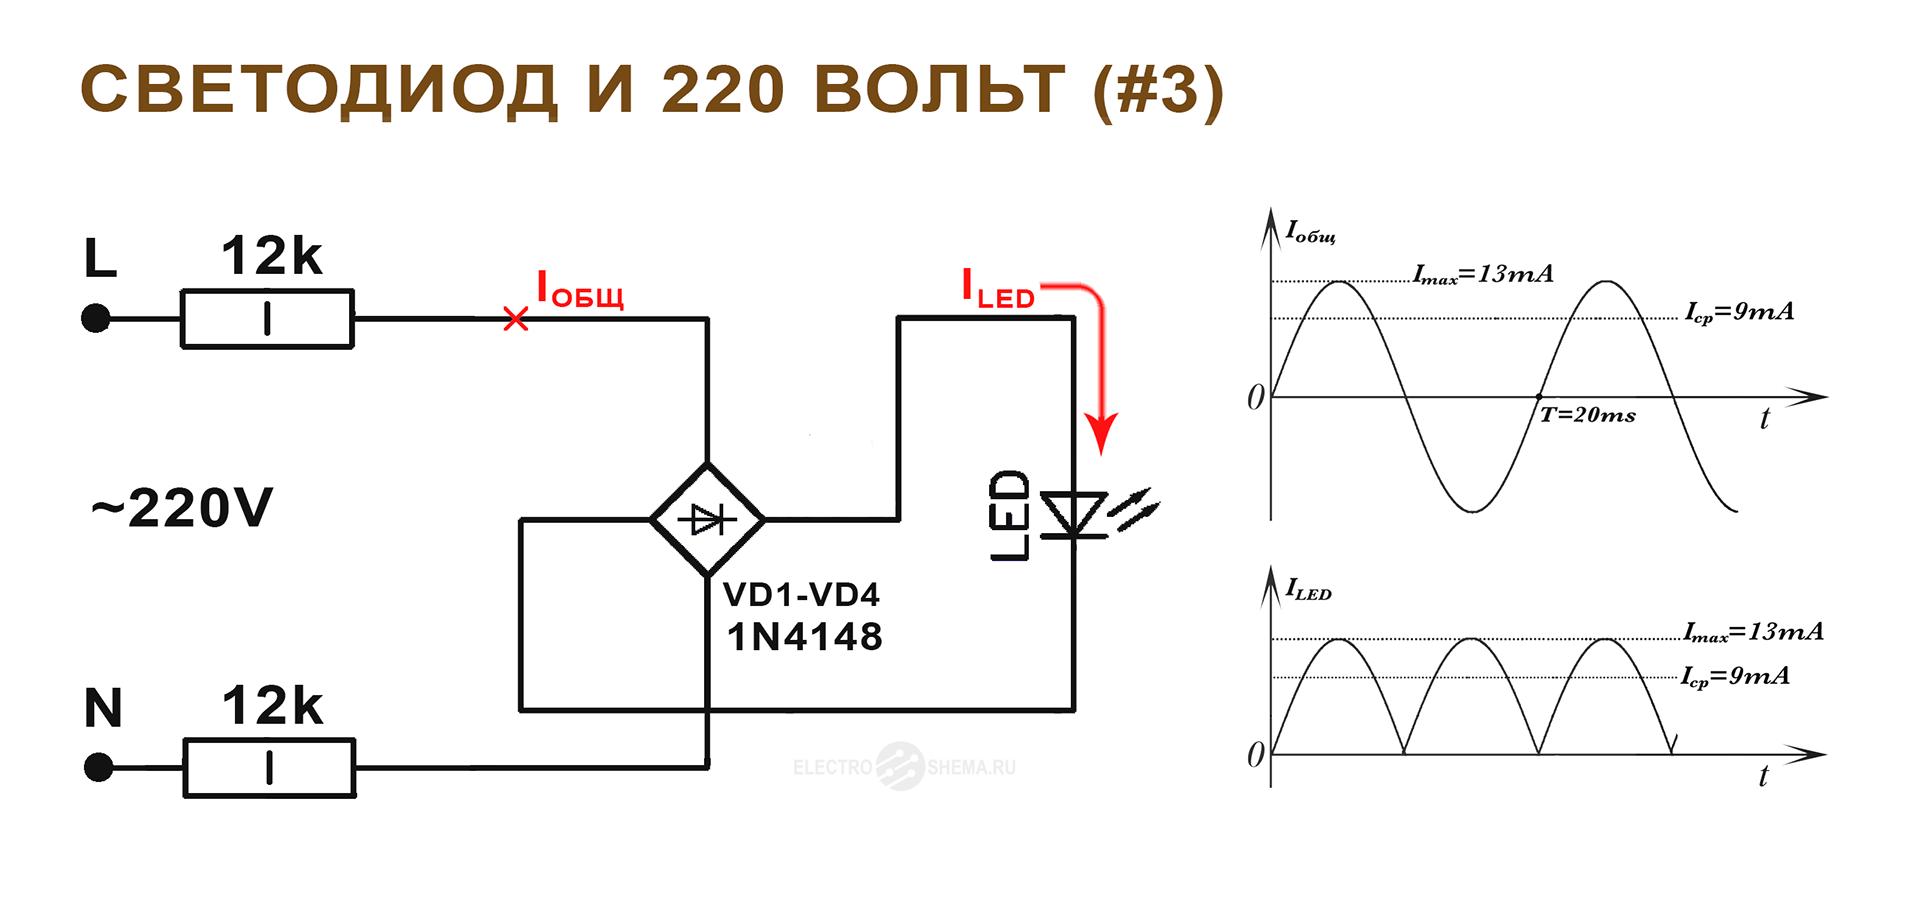 Как включить светодиод в розетку